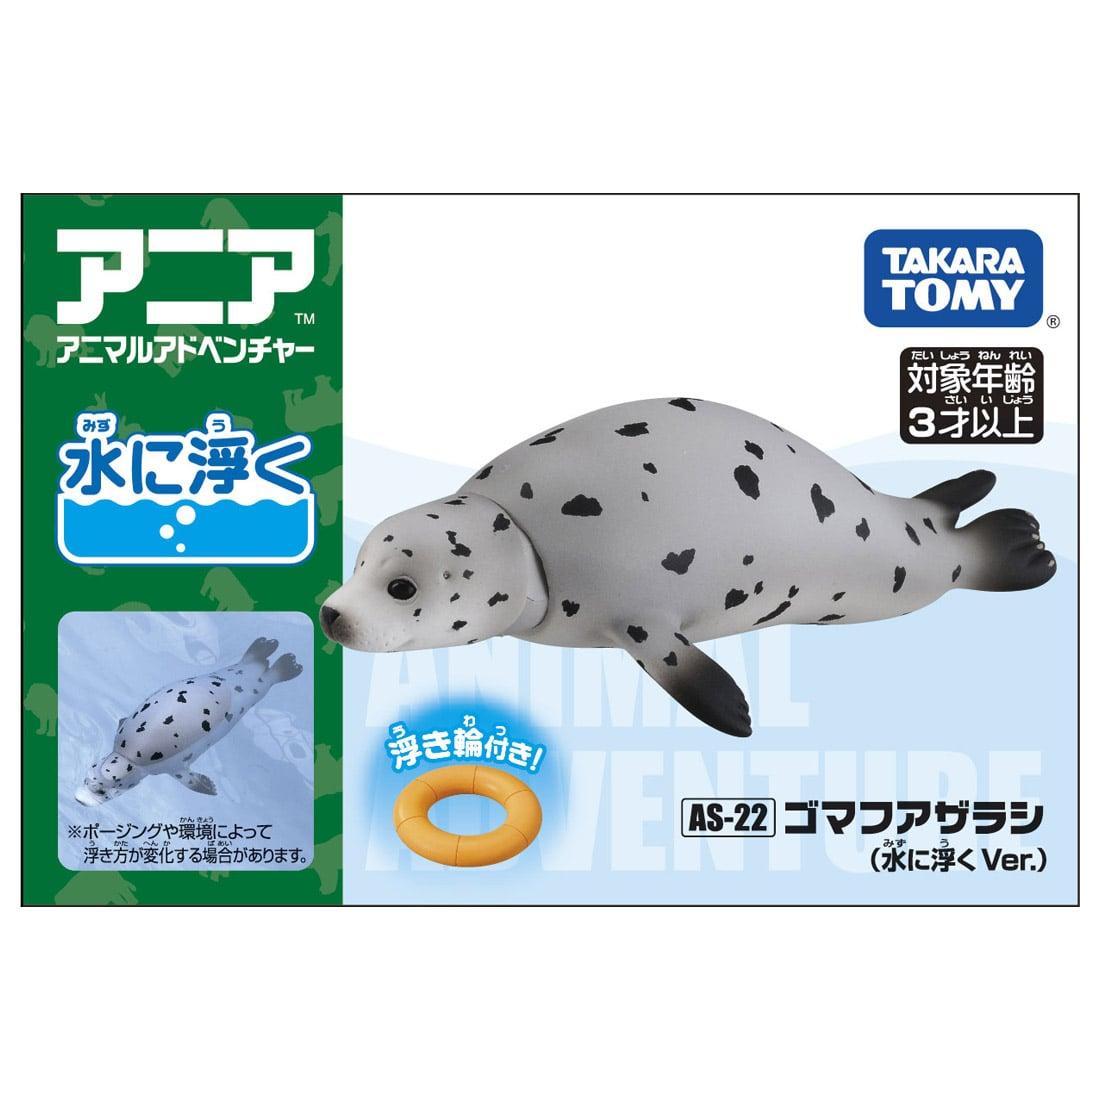 《TAKARA TOMY》多美動物ANIA AS-22海豹(漂浮版) 東喬精品百貨